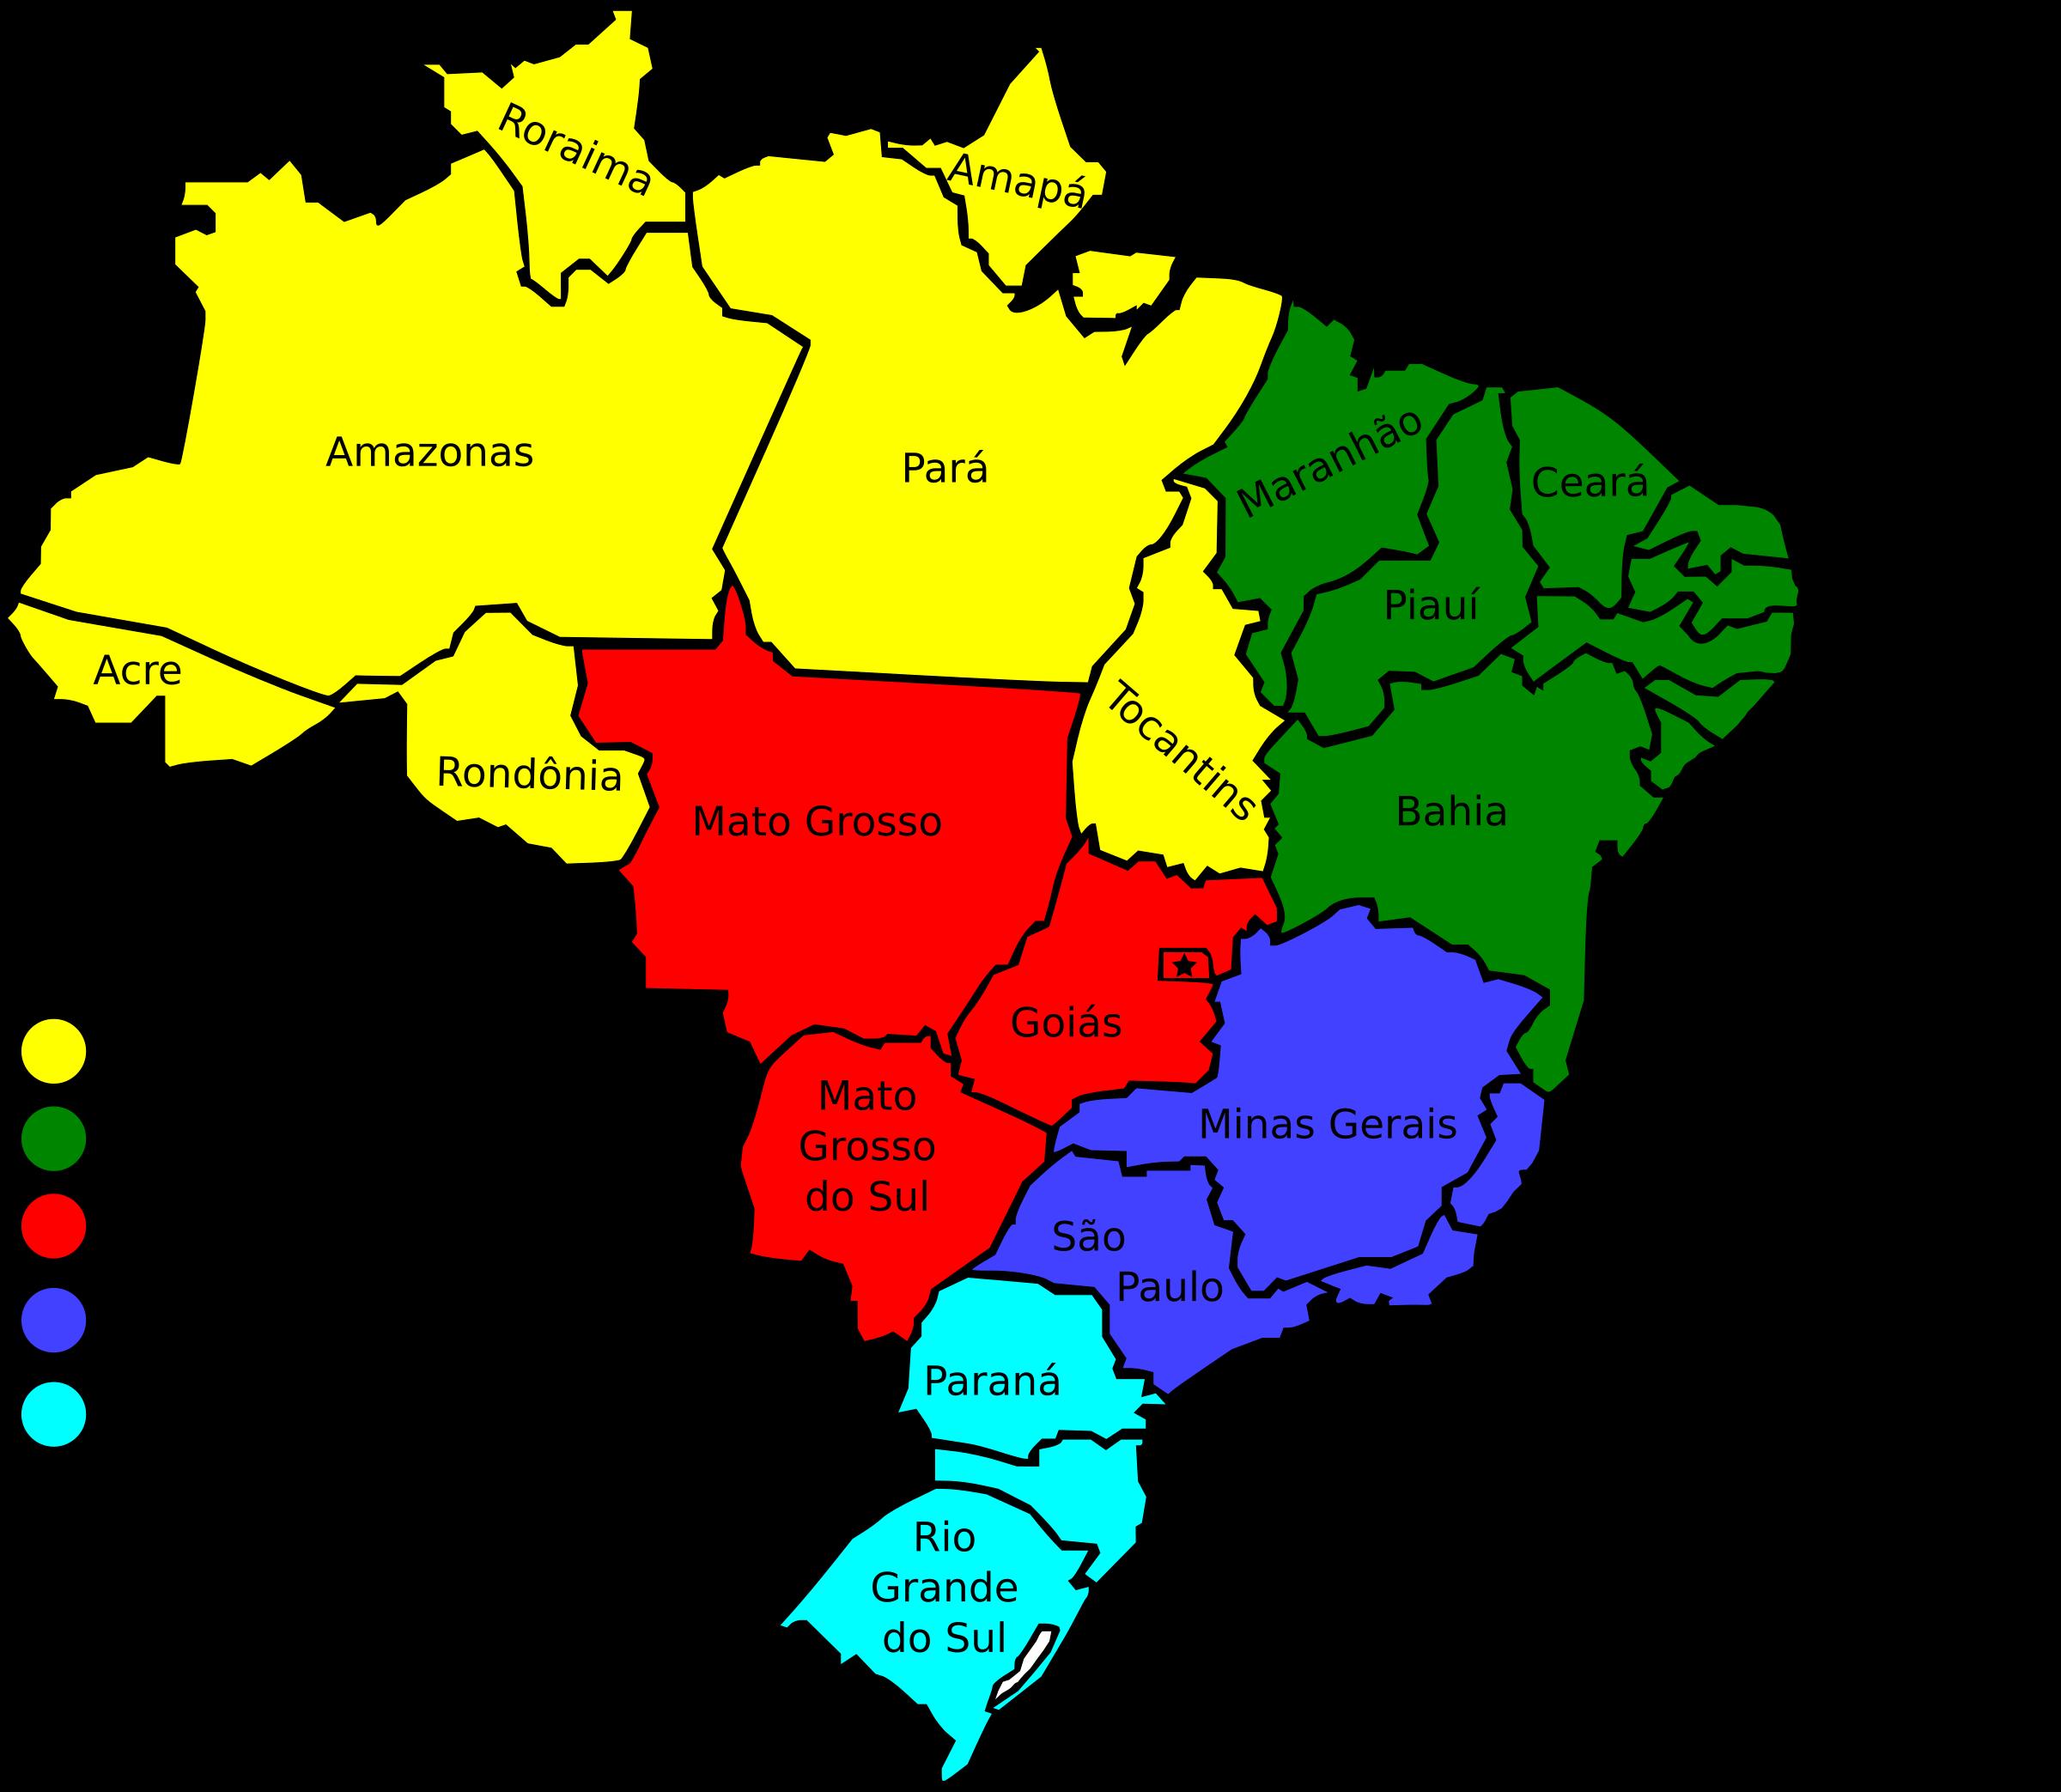 Clipart Map Of Brazil V - Map of brazil